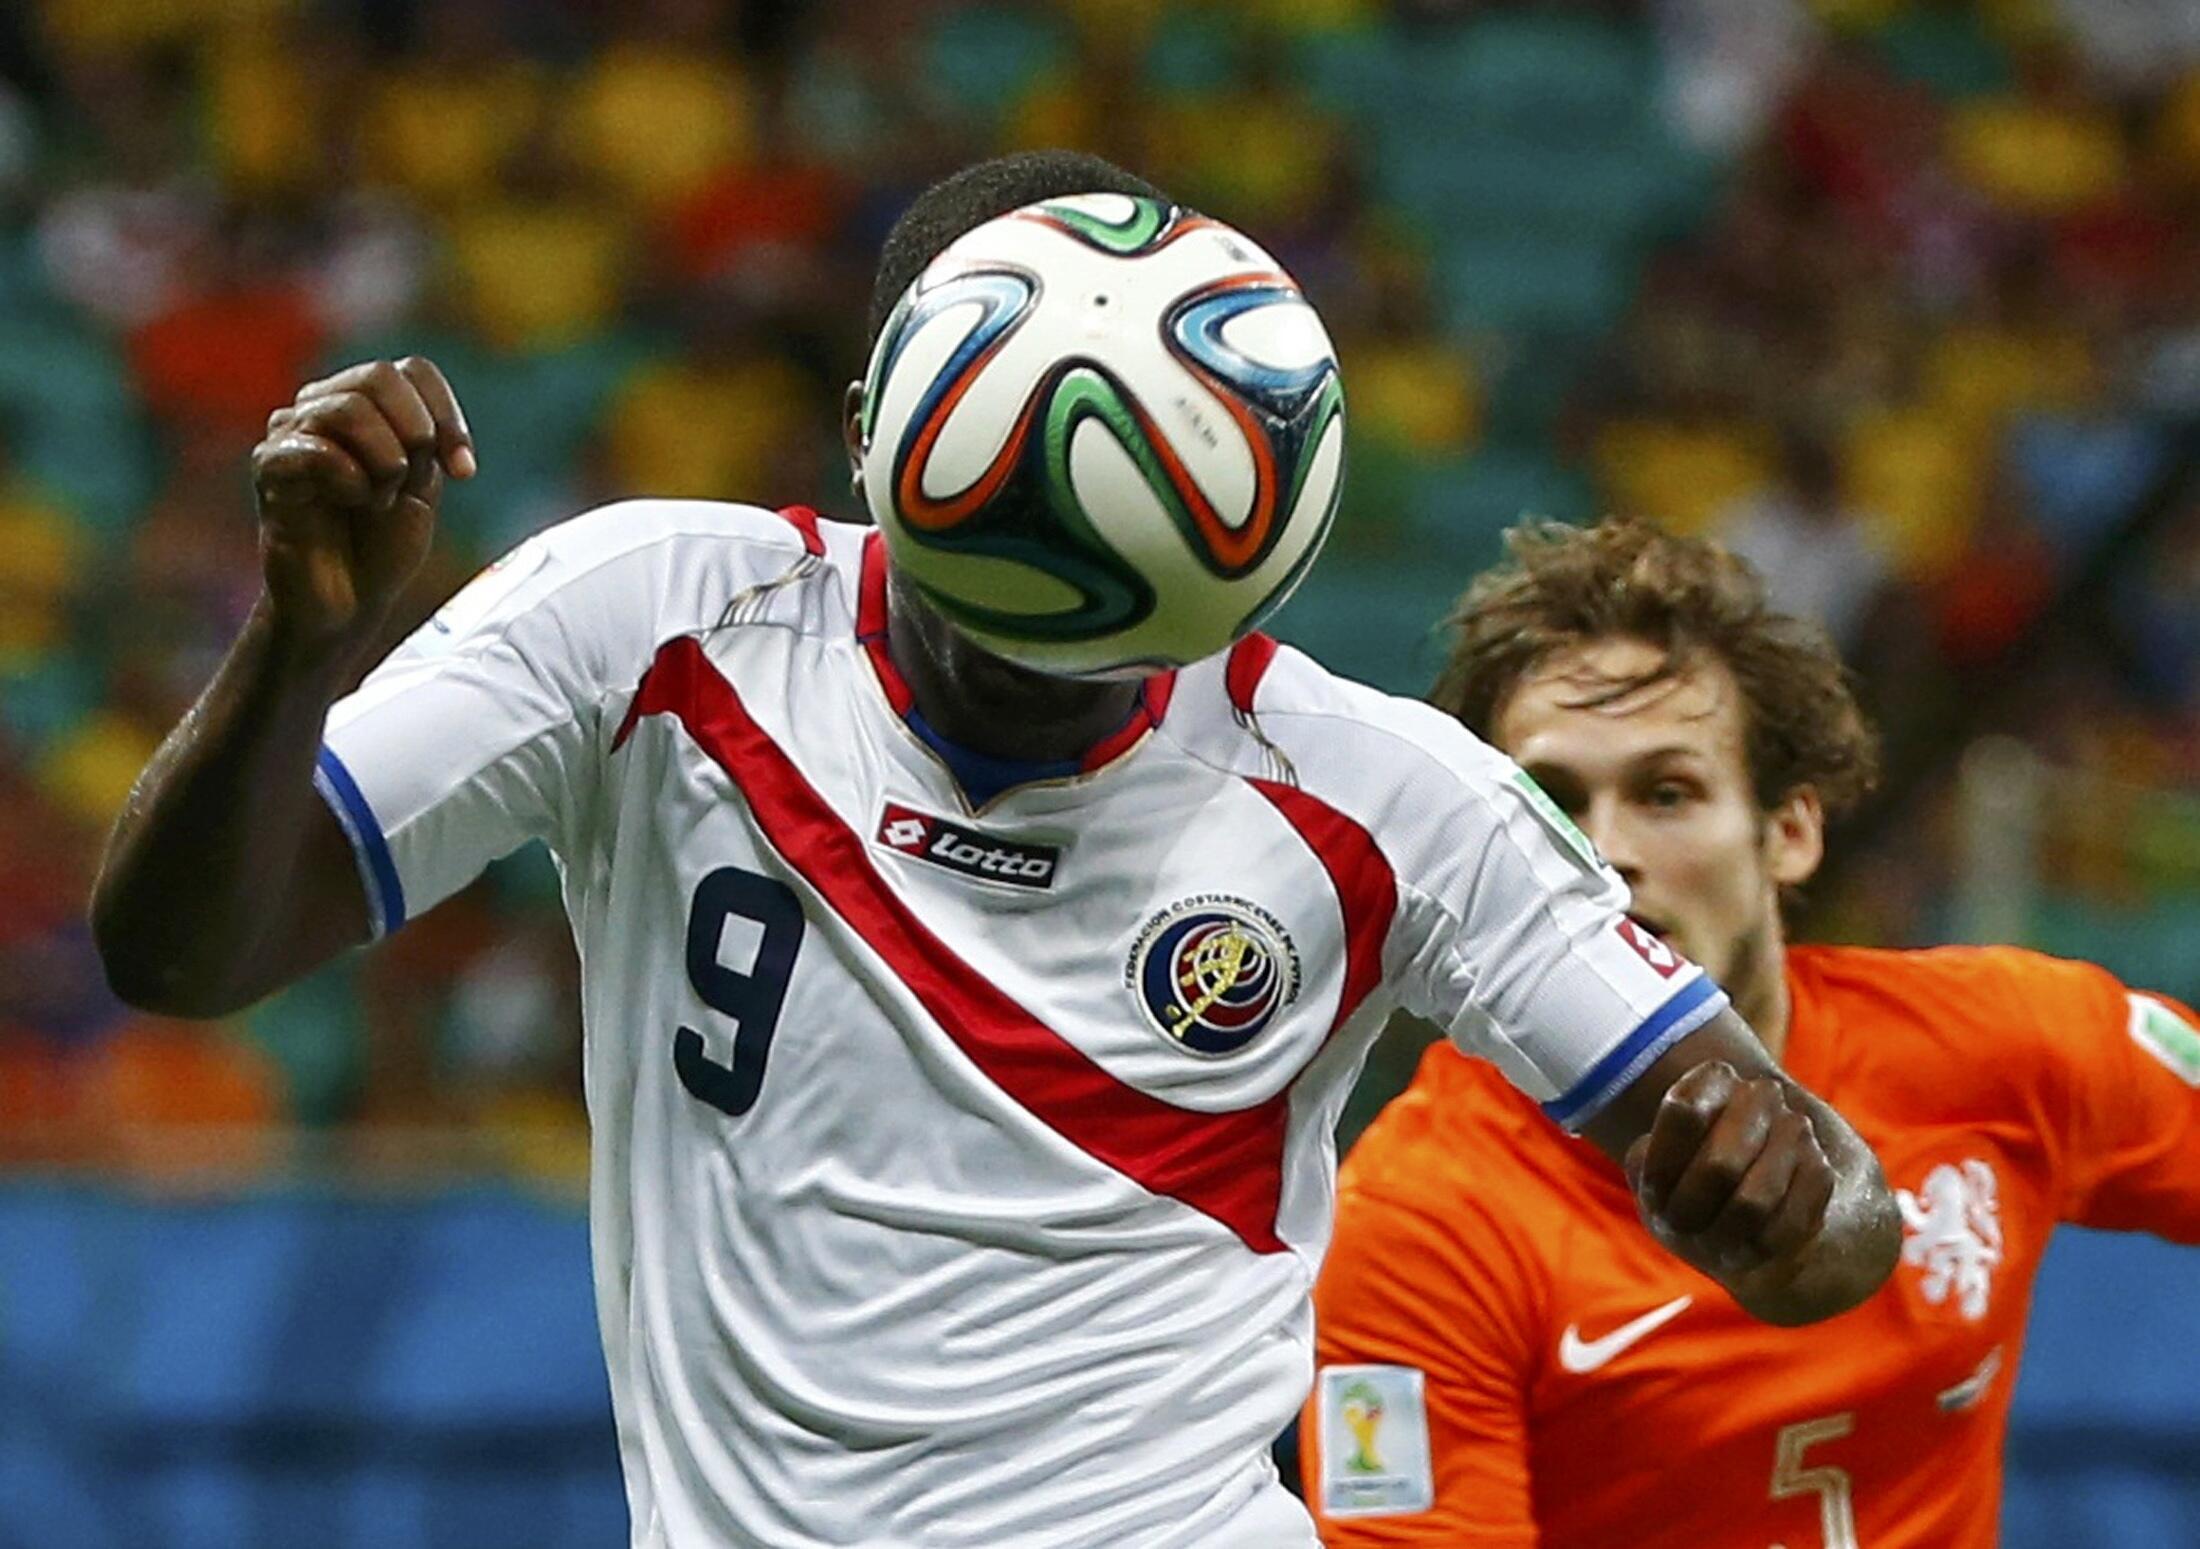 Cầu thủ Joel Campbell của Costa Rica dùng đầu đánh bóng trong trận tứ kết với Hà Lan ngày 05/07/2014 tại Fonte Nova Arena ở Salvador, nhân Cúp Thế giới 2014.